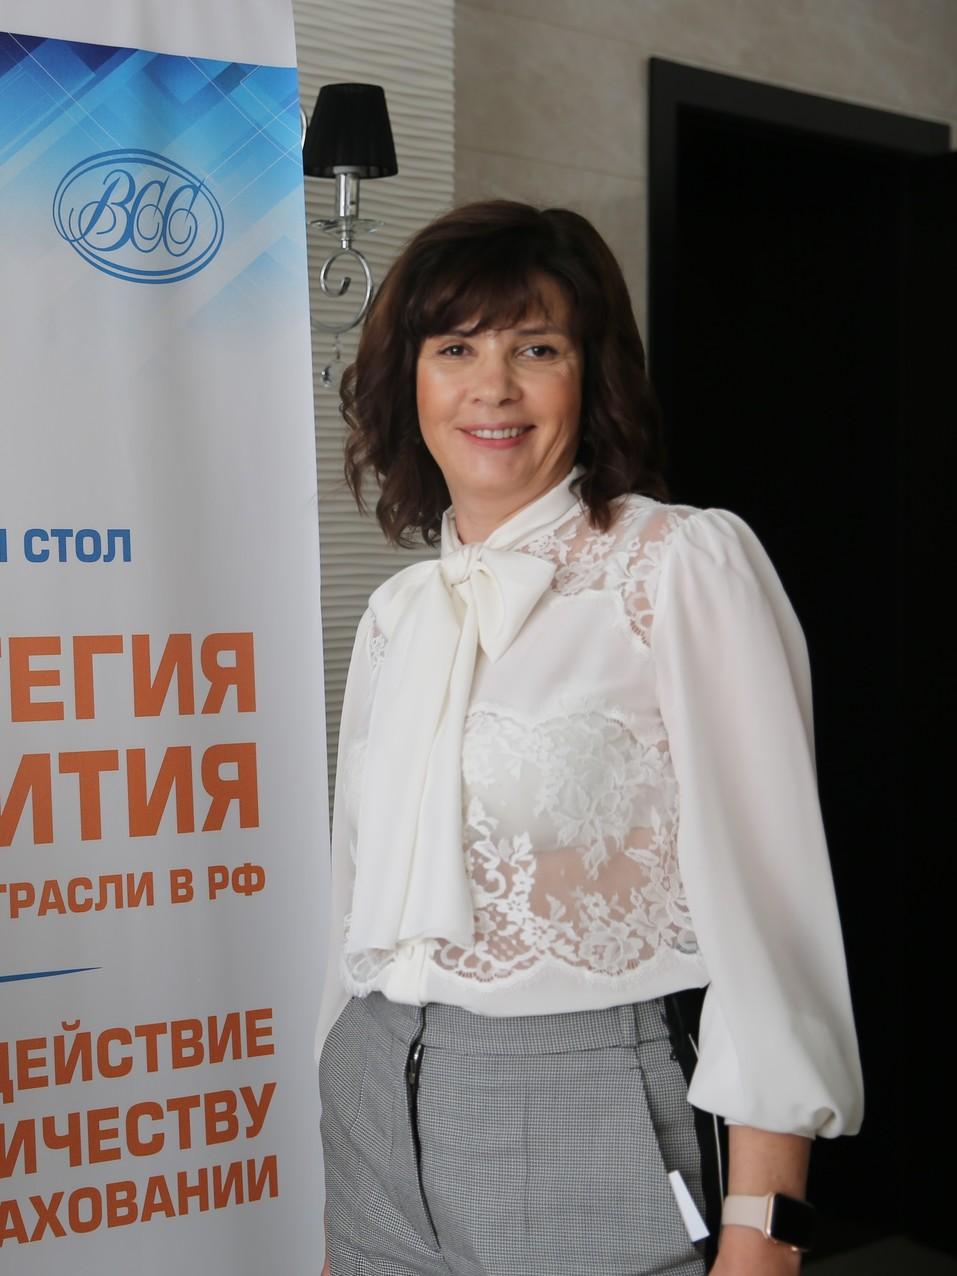 Прессинг со стороны мошенников: в Красноярске обсудили проблемы страховой отрасли 1